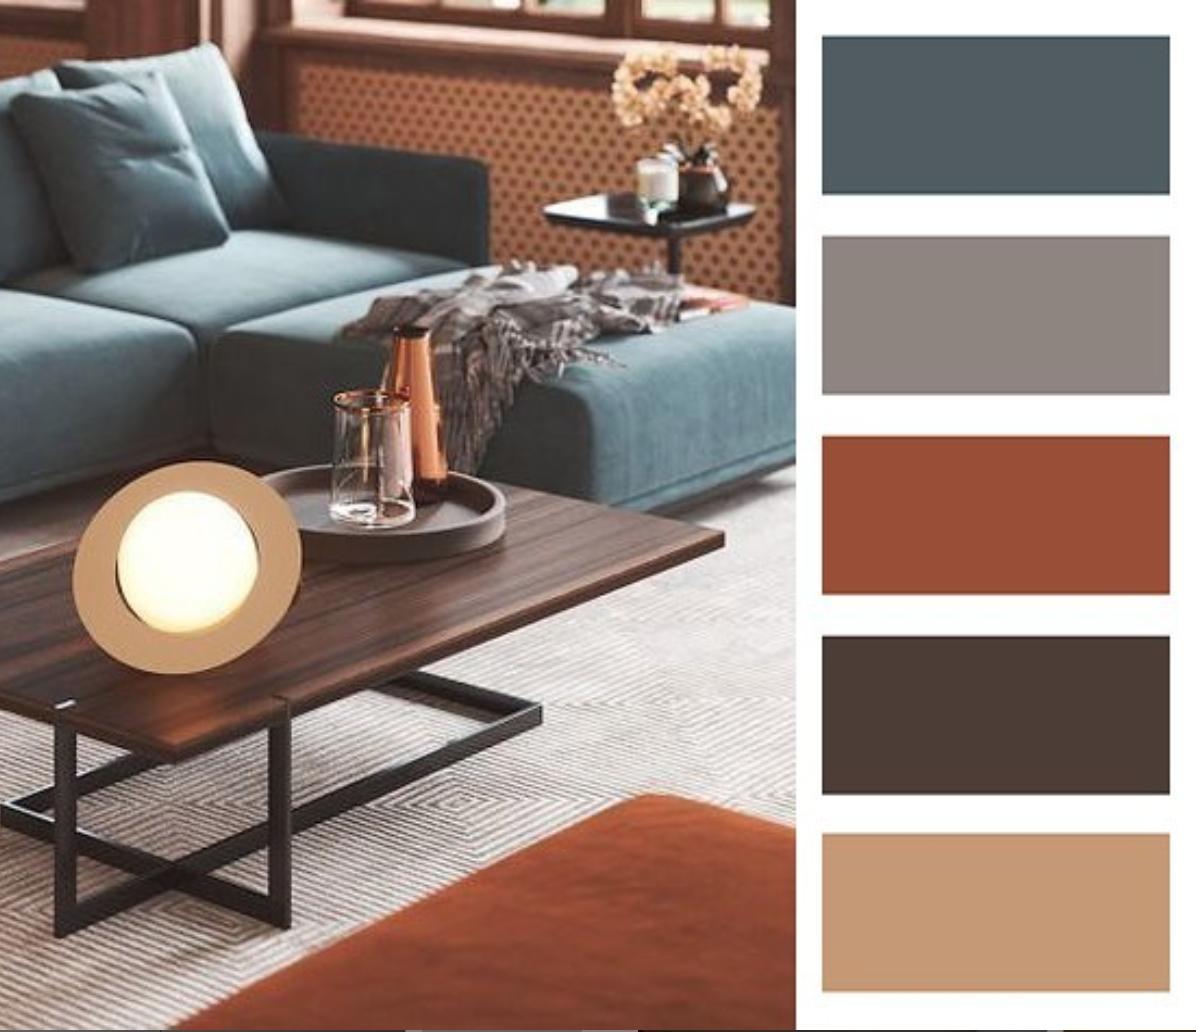 Farebné kombinácie - inšpirácie do interiéru - Obrázok č. 70